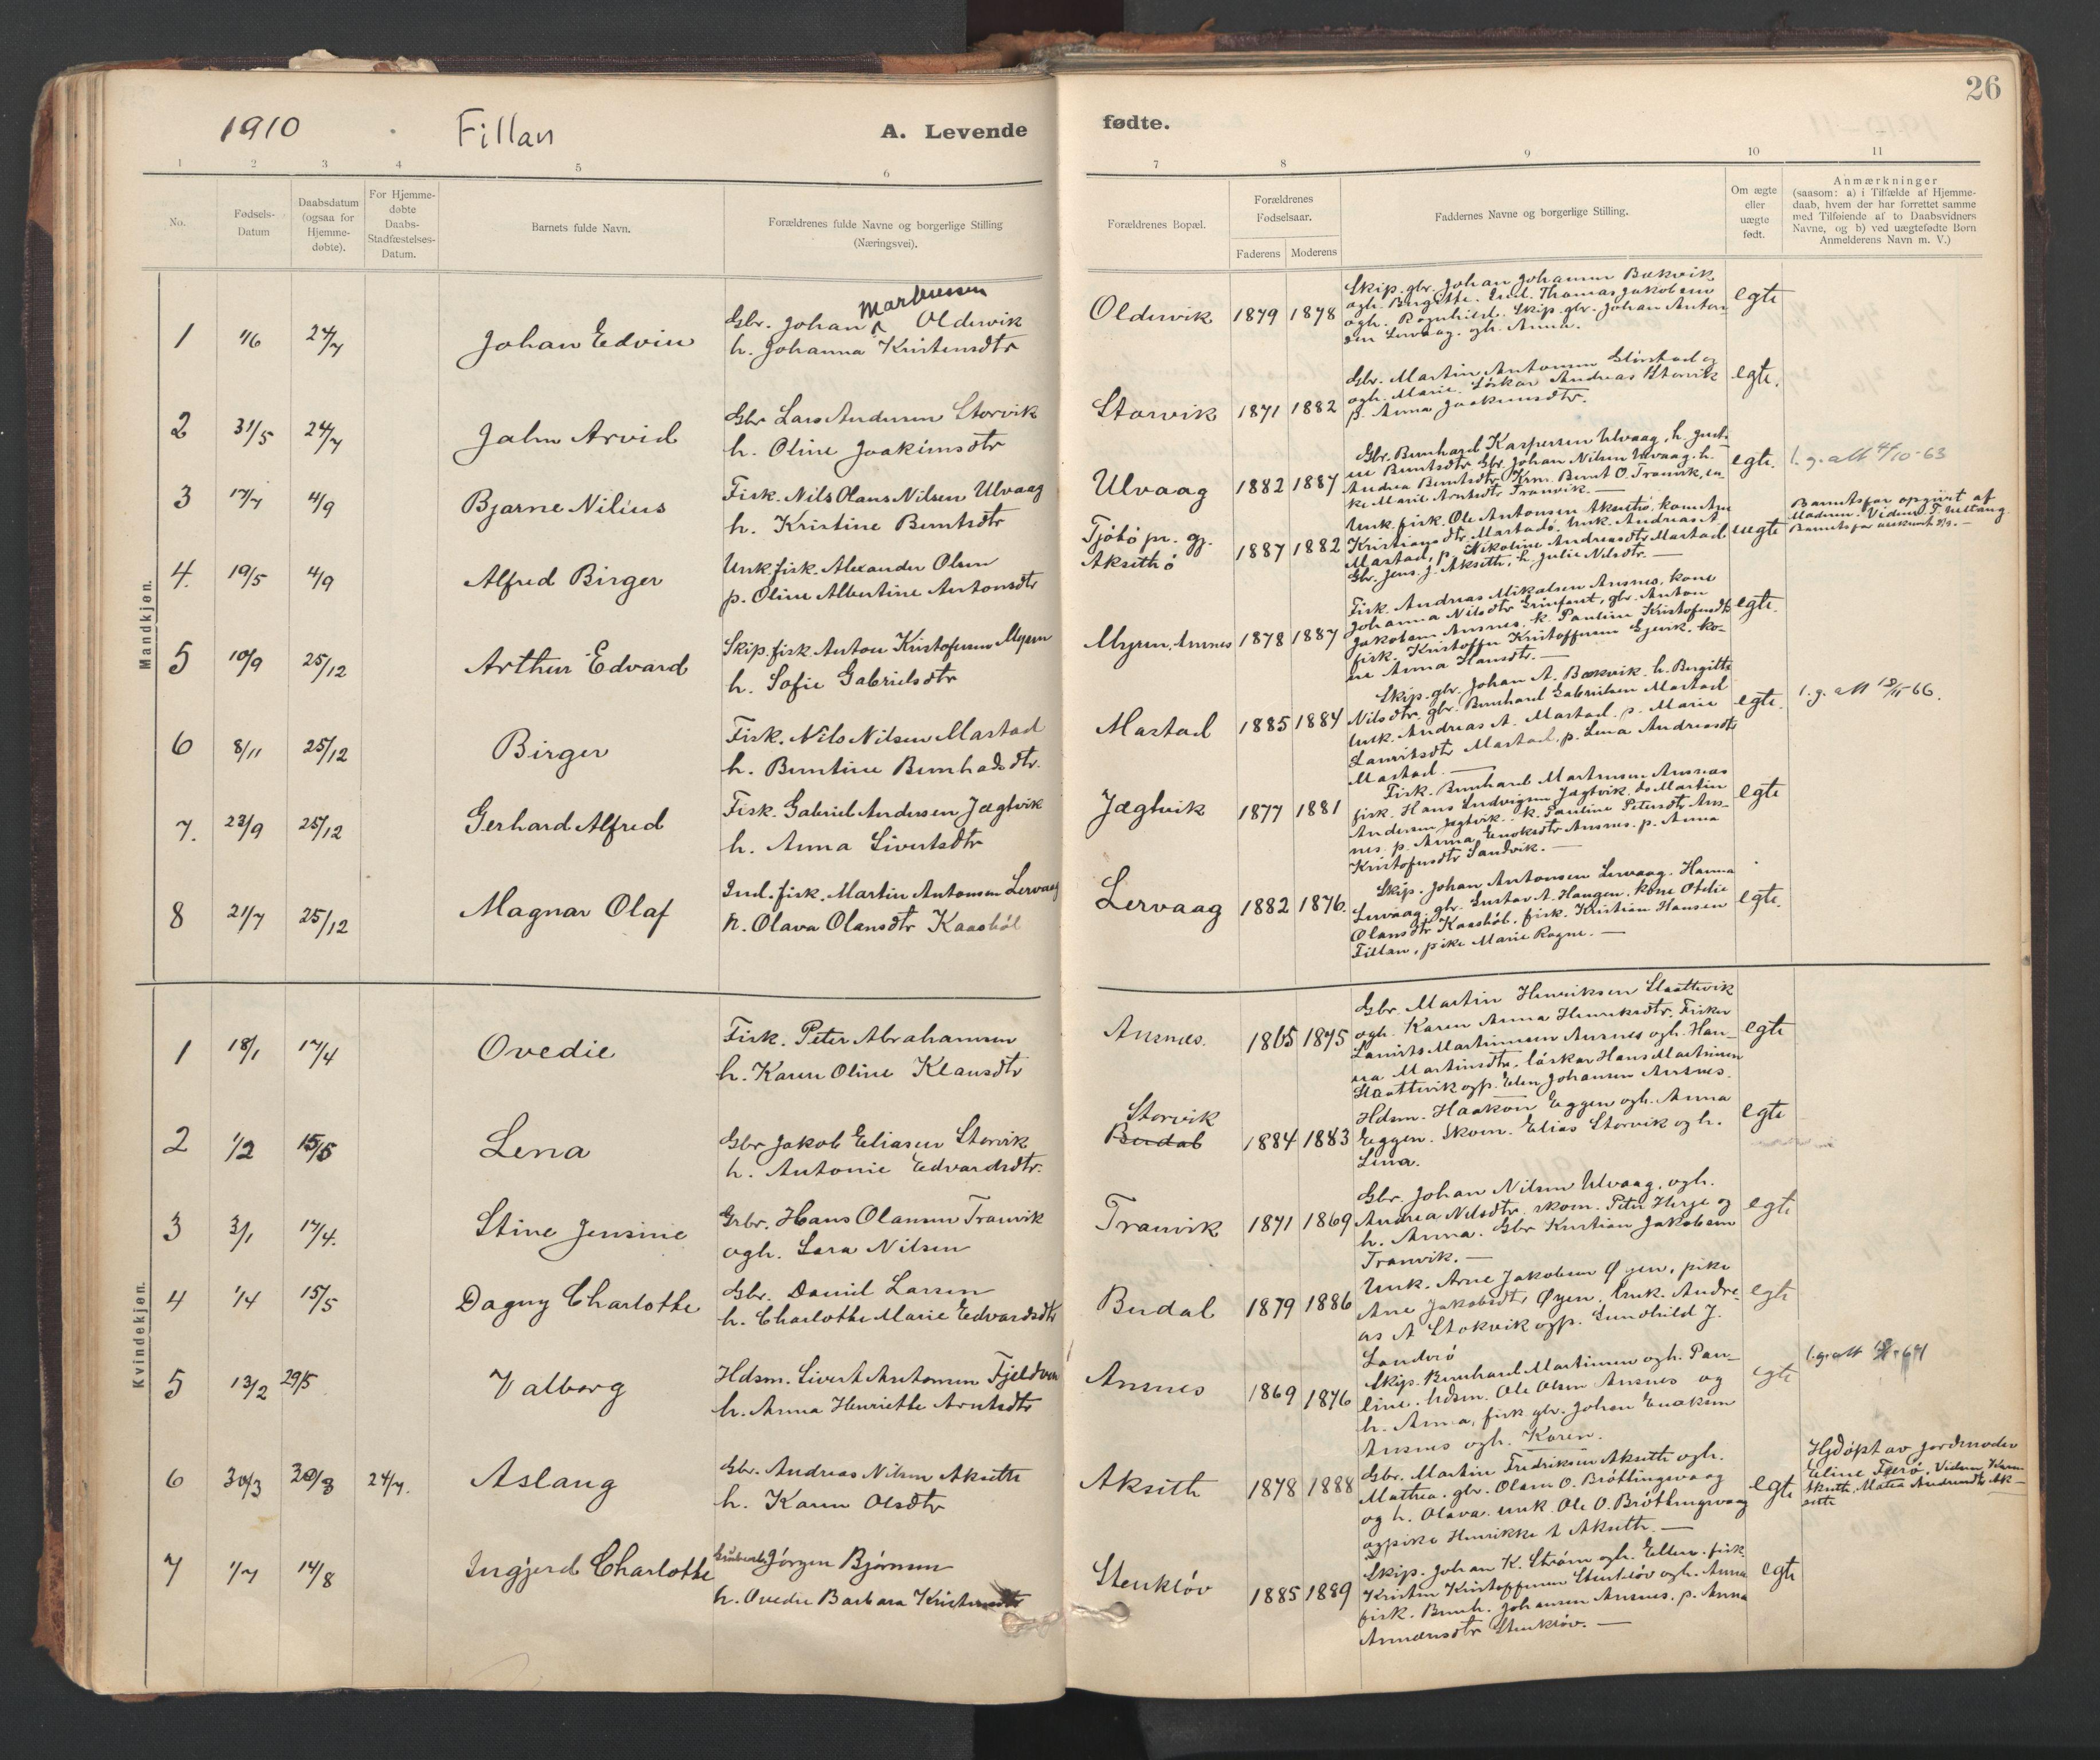 SAT, Ministerialprotokoller, klokkerbøker og fødselsregistre - Sør-Trøndelag, 637/L0559: Ministerialbok nr. 637A02, 1899-1923, s. 26